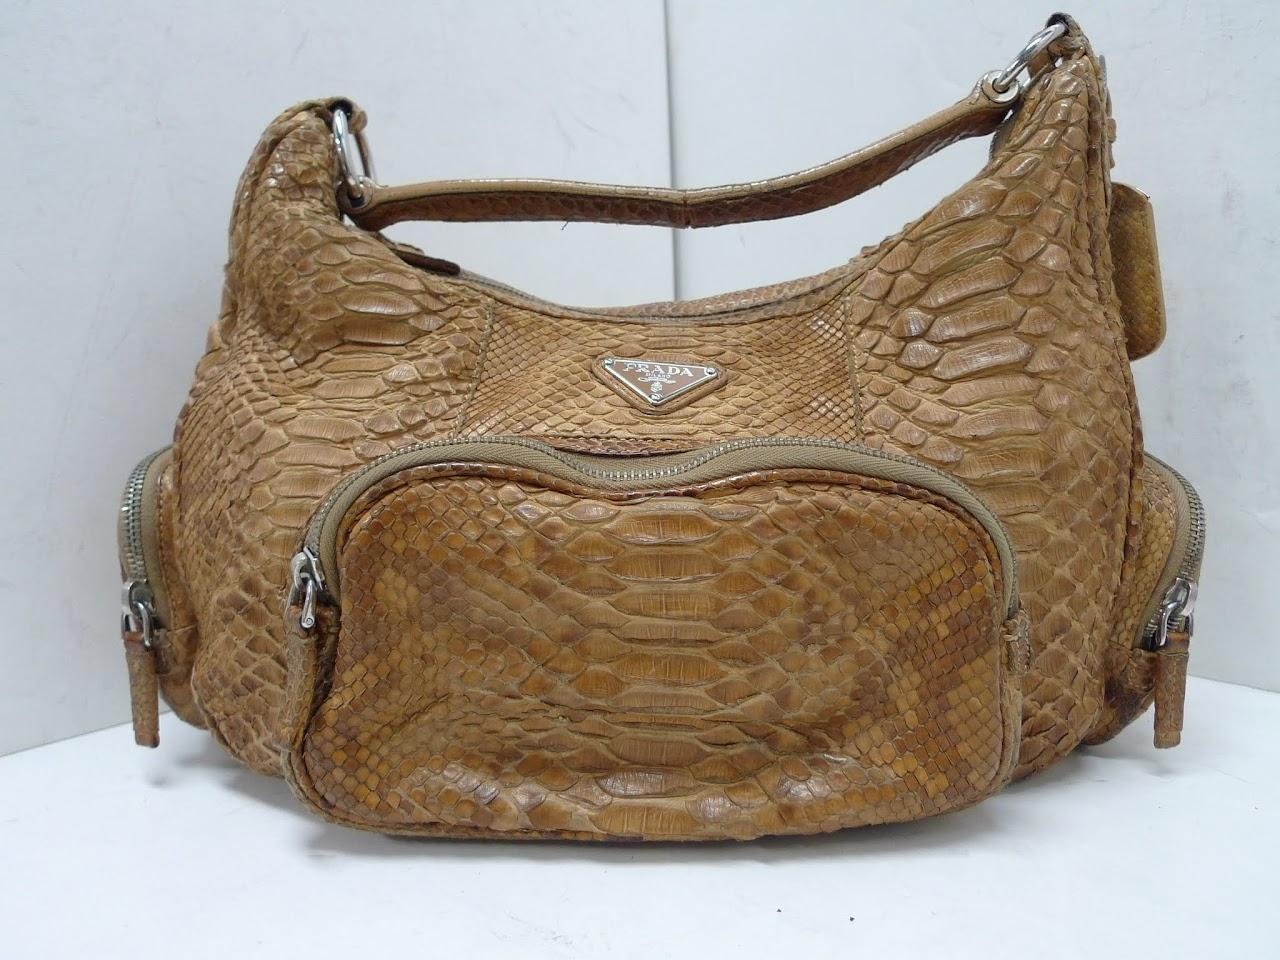 Prada Snakeskin Handbag